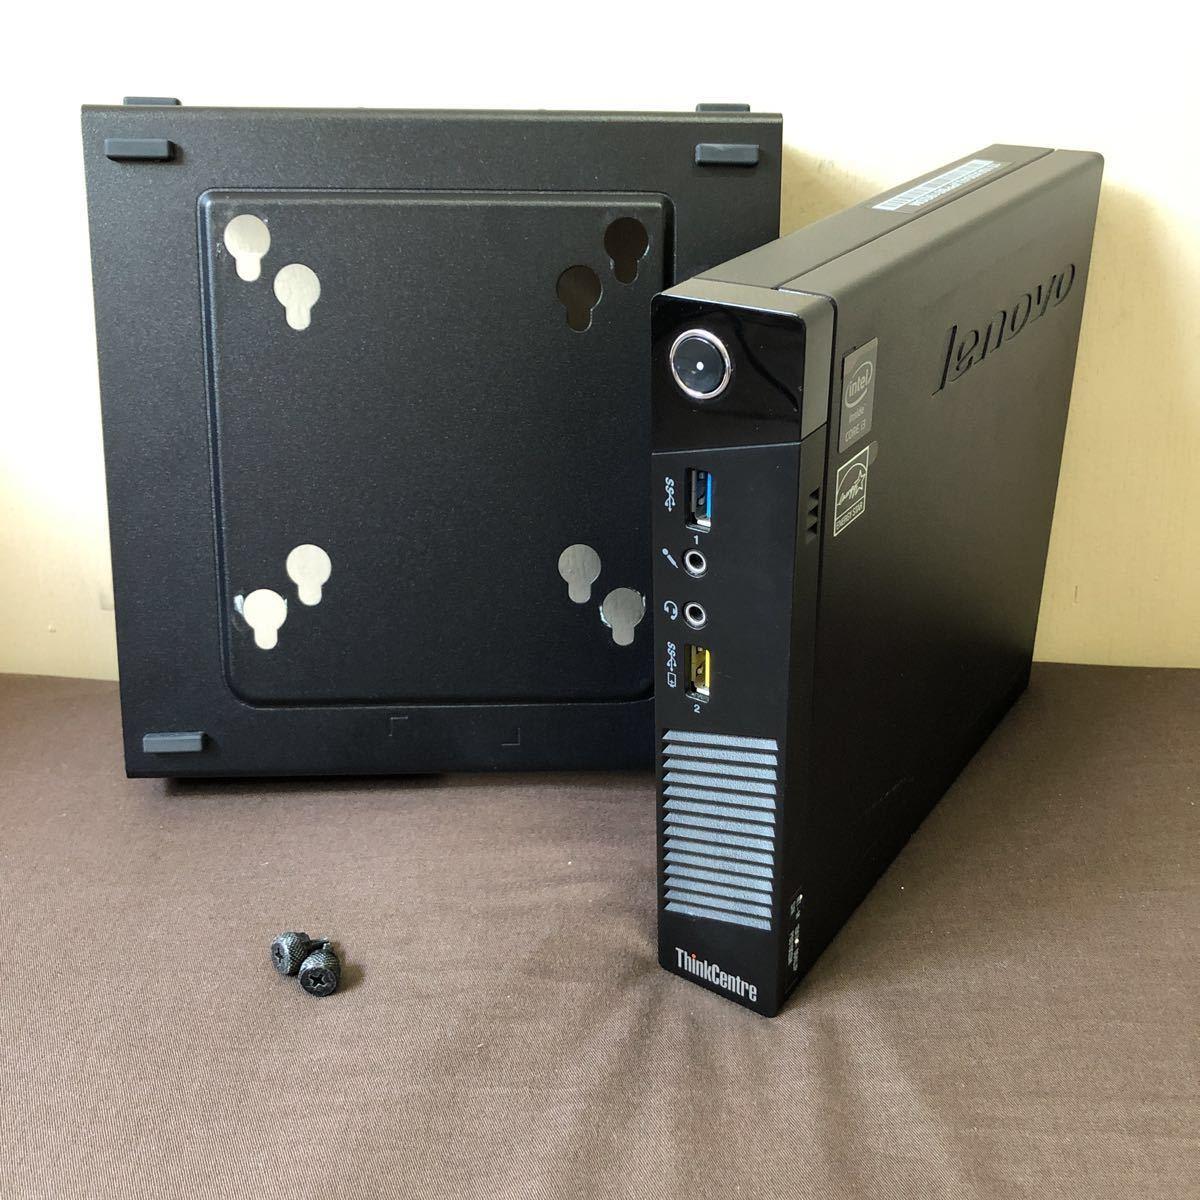 美品 Lenovo ThinkCentre M73 10AX-004UJP Intel Core i3-4130T 2.90GHz DDR3 4GB 500GB HDD搭載 壁掛け金具付き 2014年製 Windows8 現状品_画像9